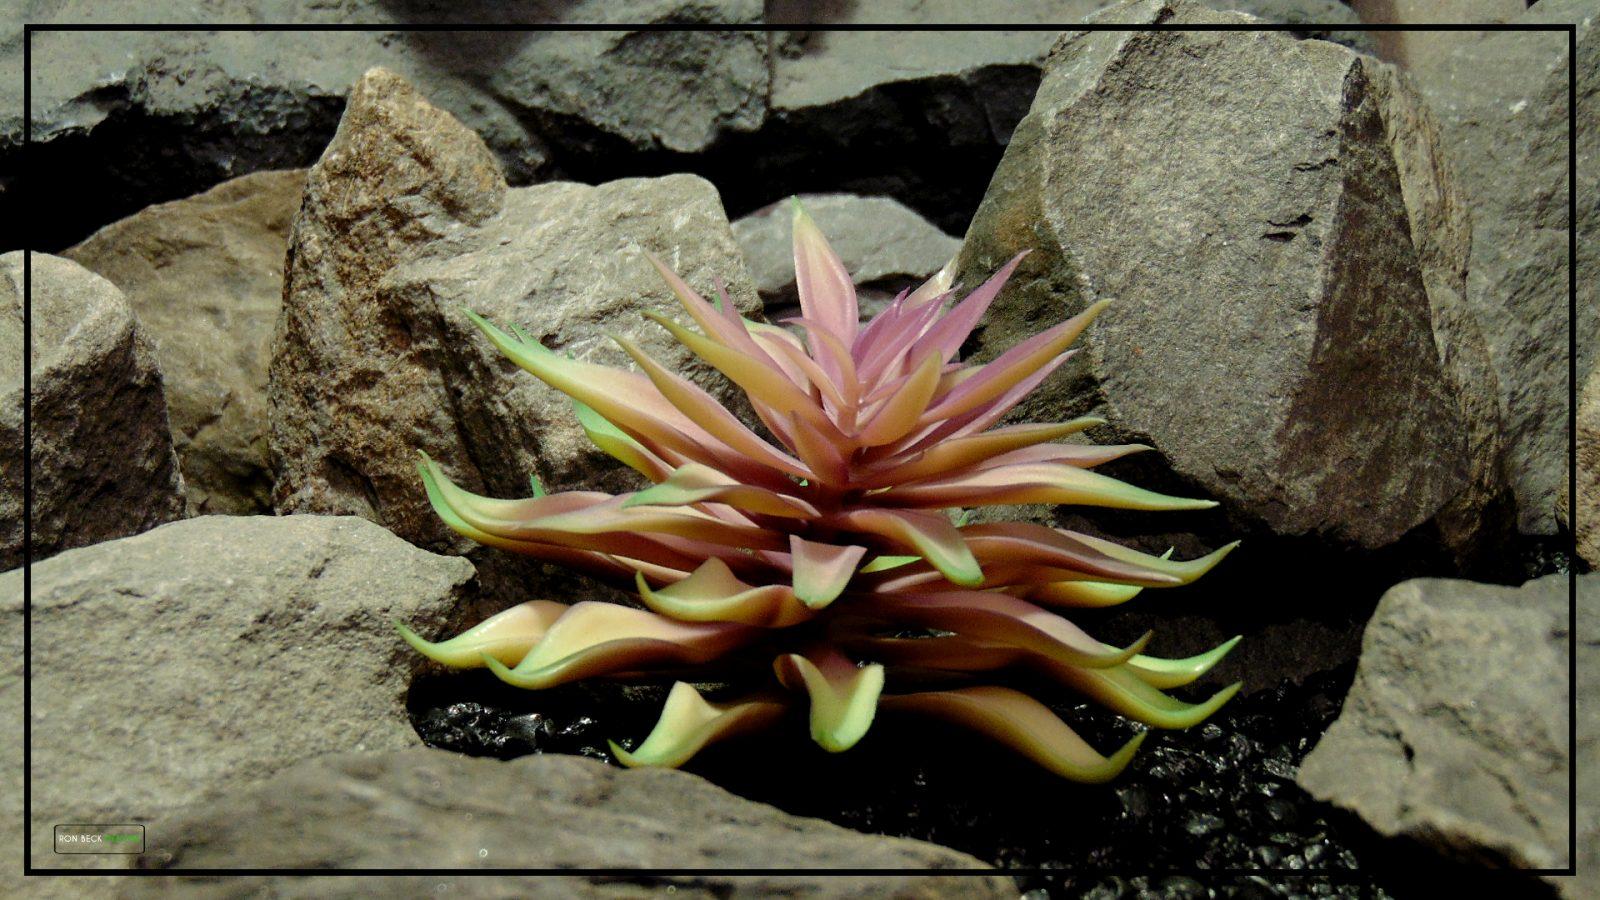 Artificial Echeveria (Plum Green) – Reptile Habitat Plant Succulent 2 prp425